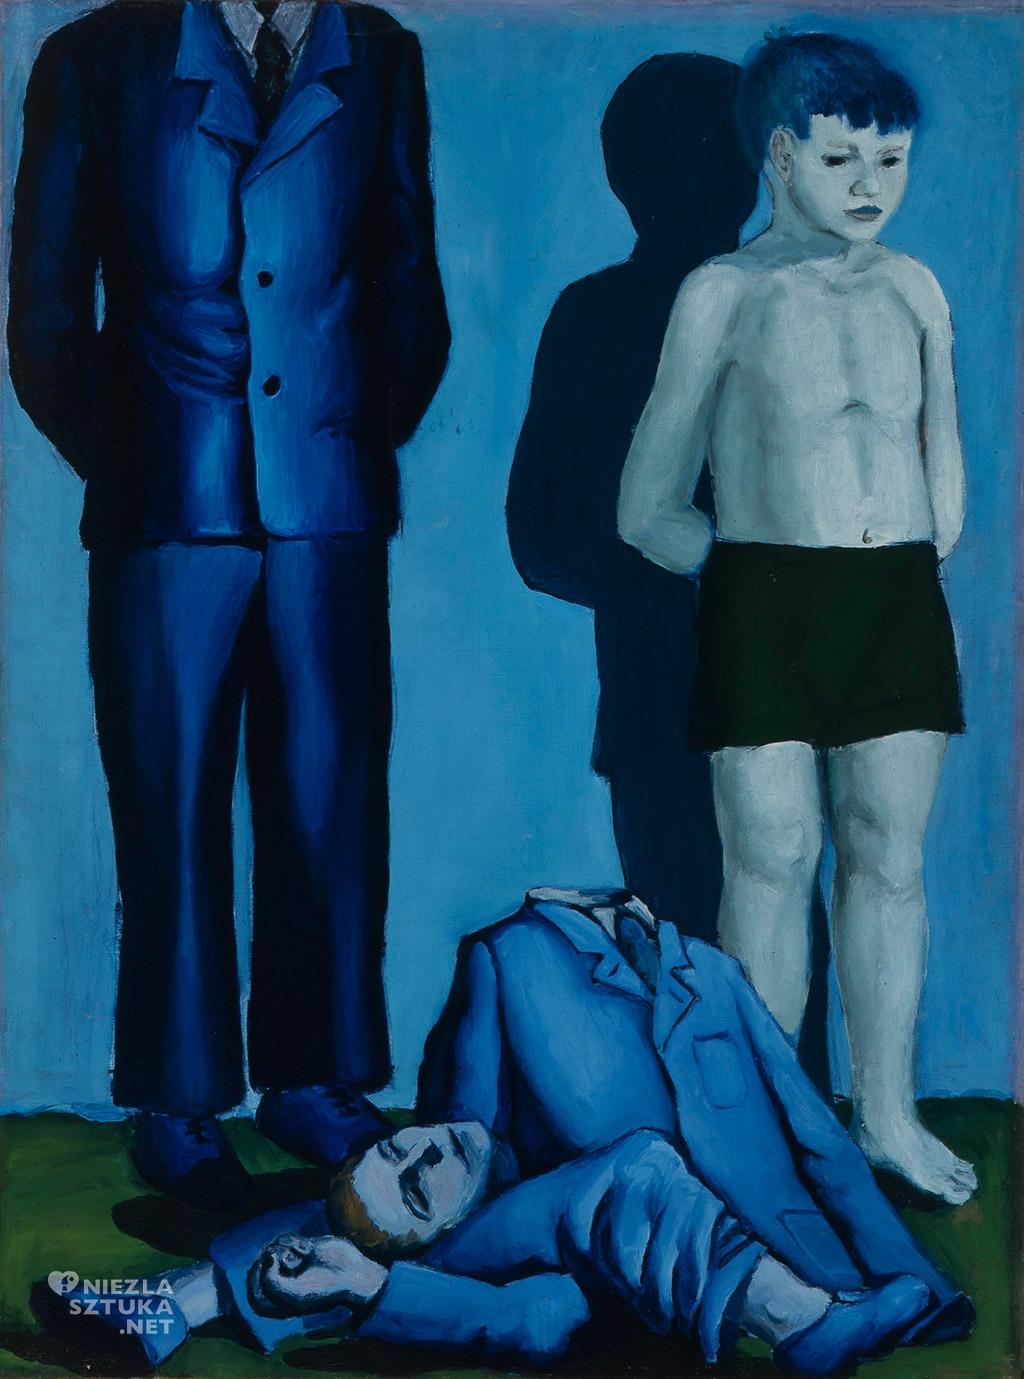 Andrzej Wróblewski <em>Egzekucja z dzieckiem</em> | 1949, Muzeum Narodowe w Poznaniu